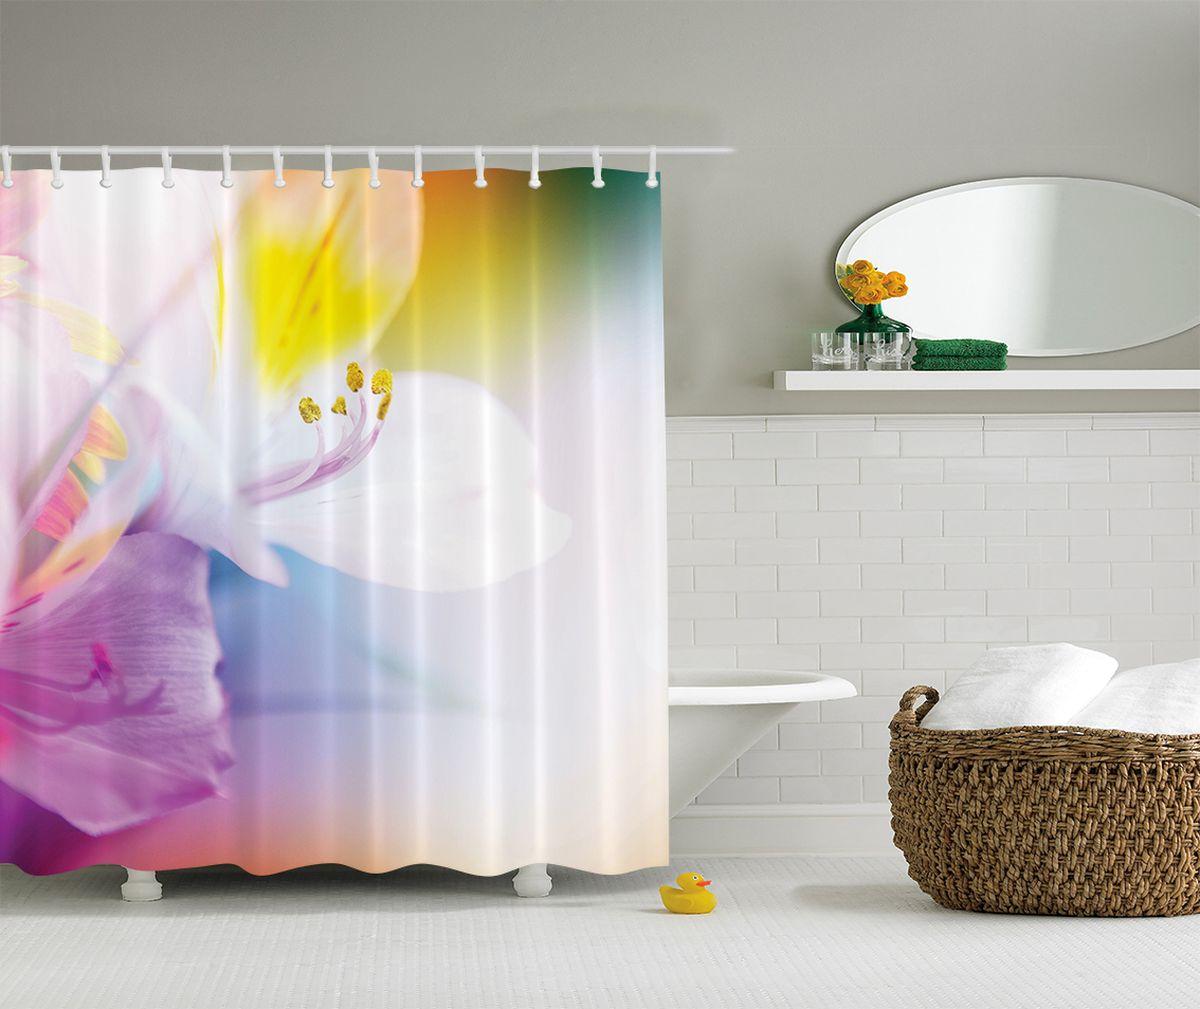 Штора для ванной комнаты Magic Lady Кадр лилии, 180 х 200 смшв_2627Штора Magic Lady PКадр лилии, изготовленная из высококачественного сатена (полиэстер 100%), отлично дополнит любой интерьер ванной комнаты. При изготовлении используются специальные гипоаллергенные чернила для прямой печати по ткани, безопасные для человека.В комплекте: 1 штора, 12 крючков. Обращаем ваше внимание, фактический цвет изделия может незначительно отличаться от представленного на фото.